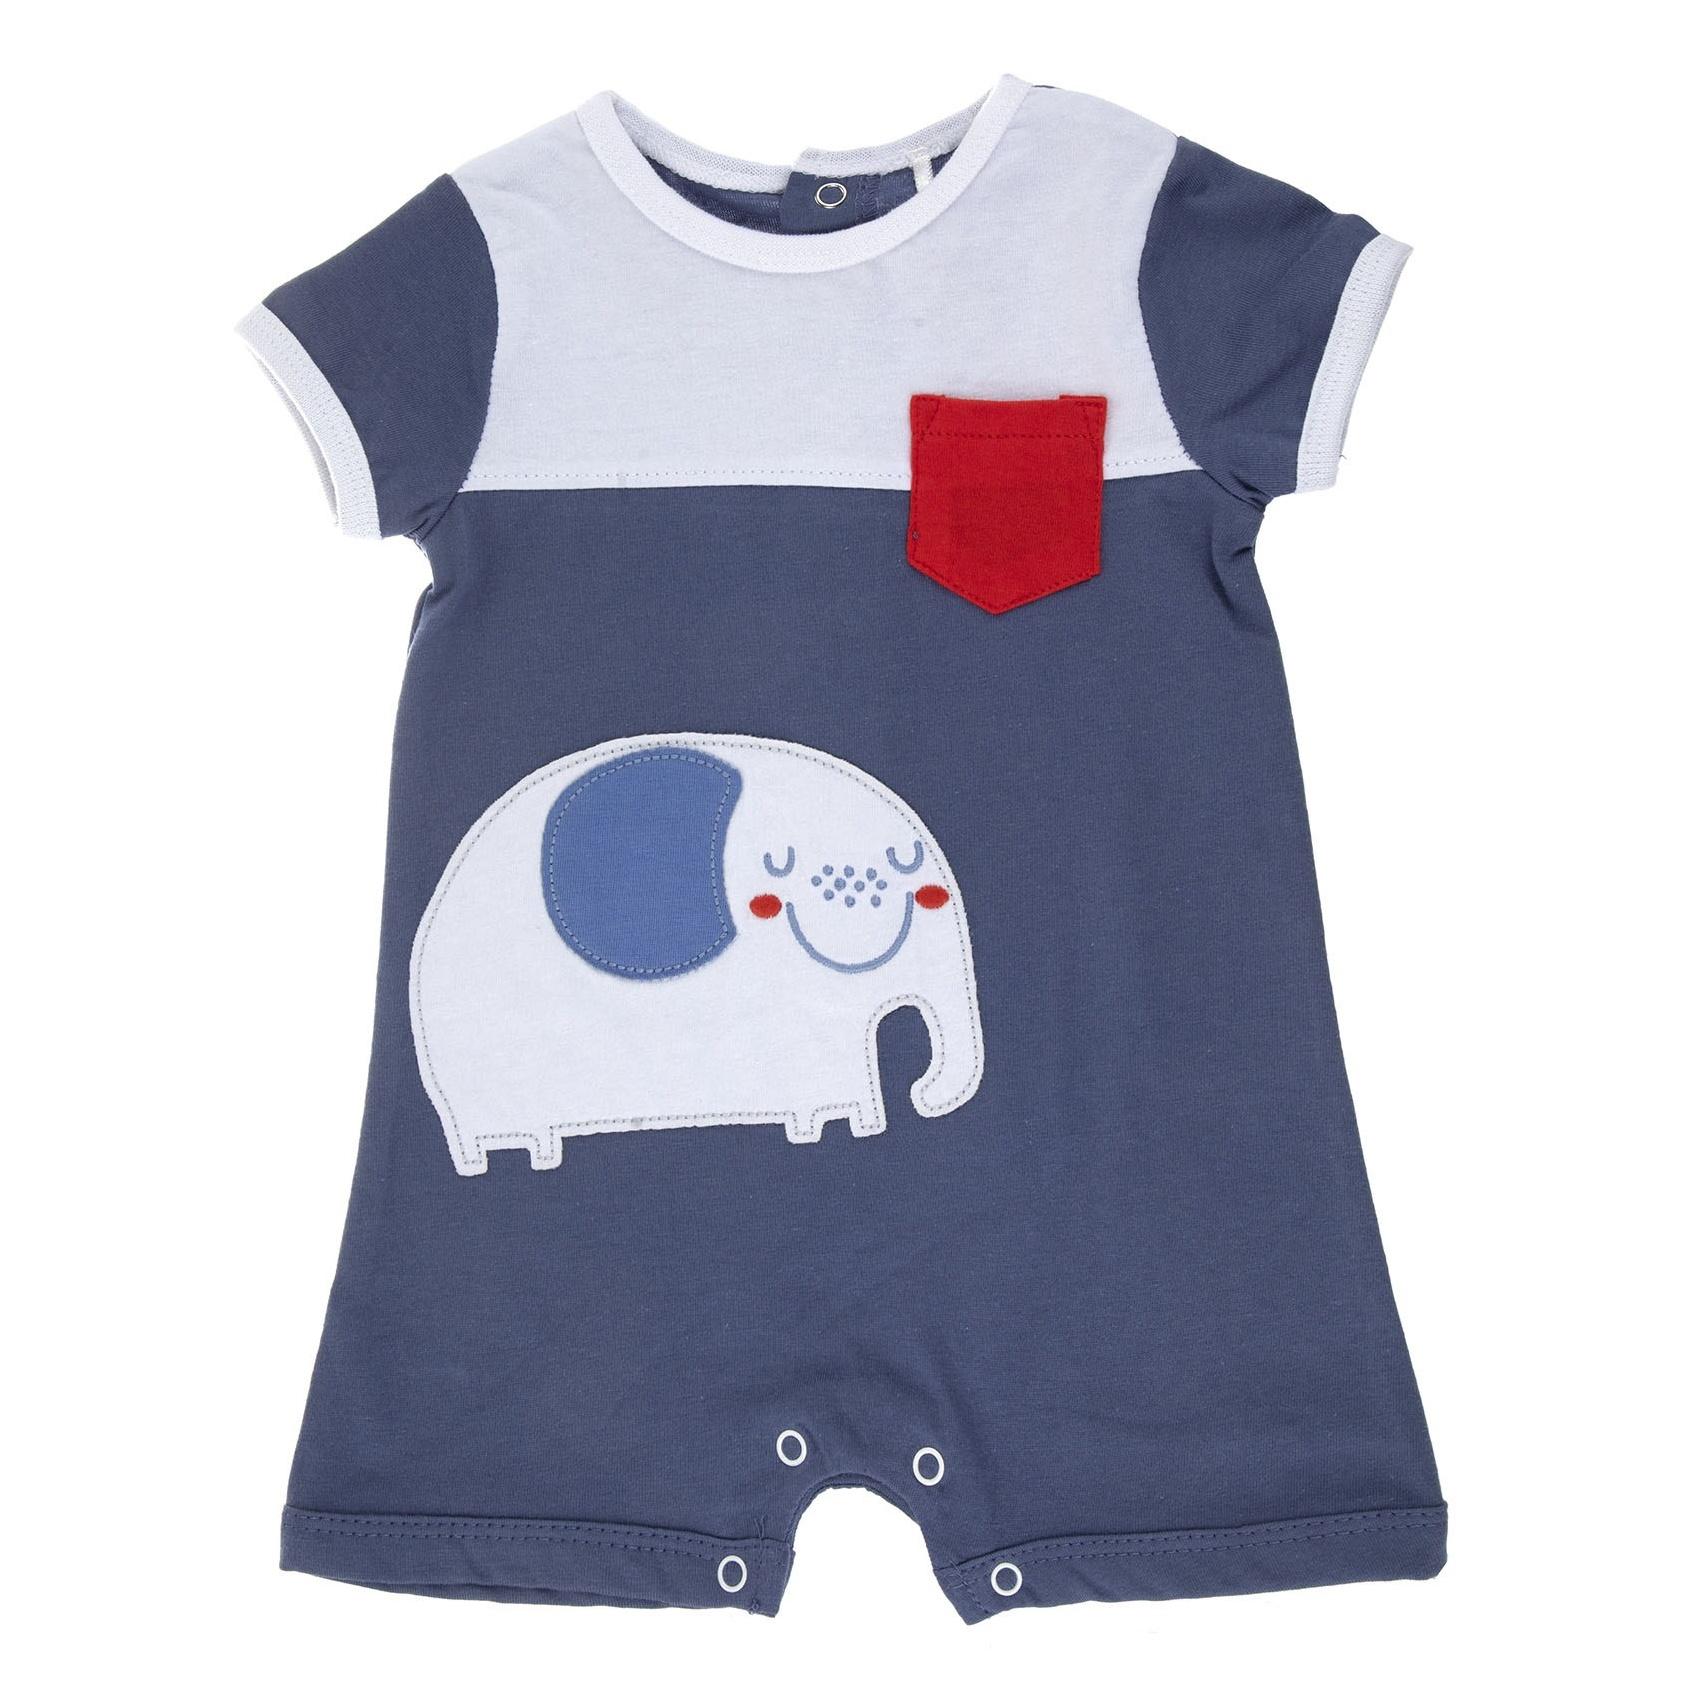 سرهمی نخی ساده نوزادی پسرانه - بلوکیدز - آبي و سفيد - 1